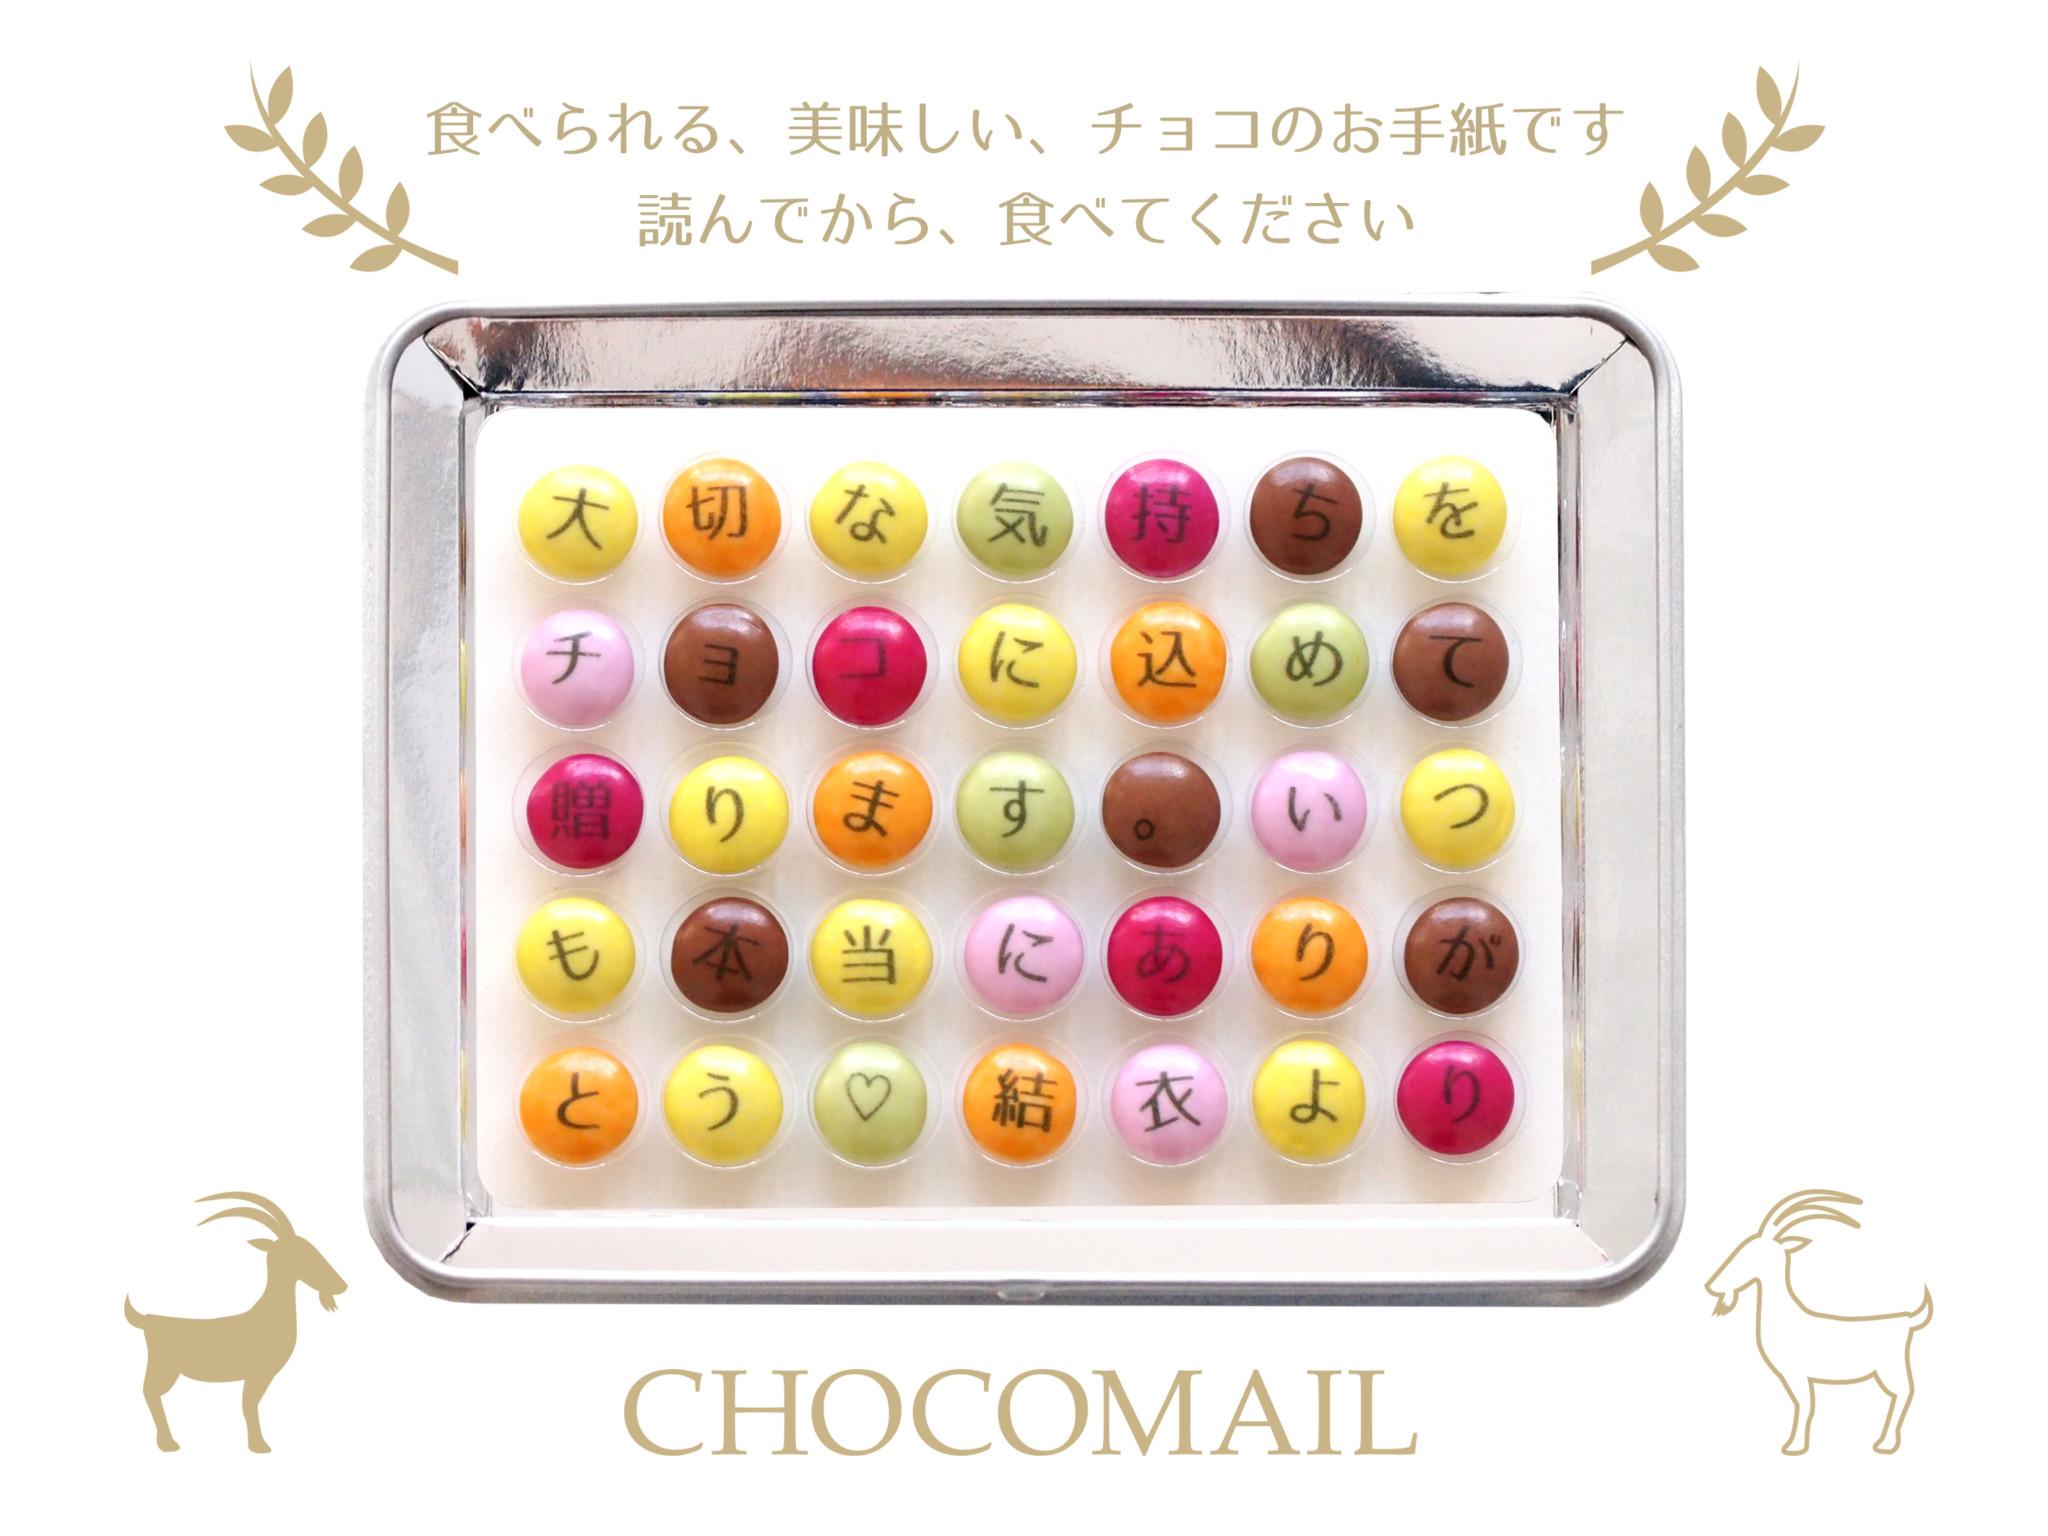 食べられるお手紙!?チョコレートでメッセージをお届け